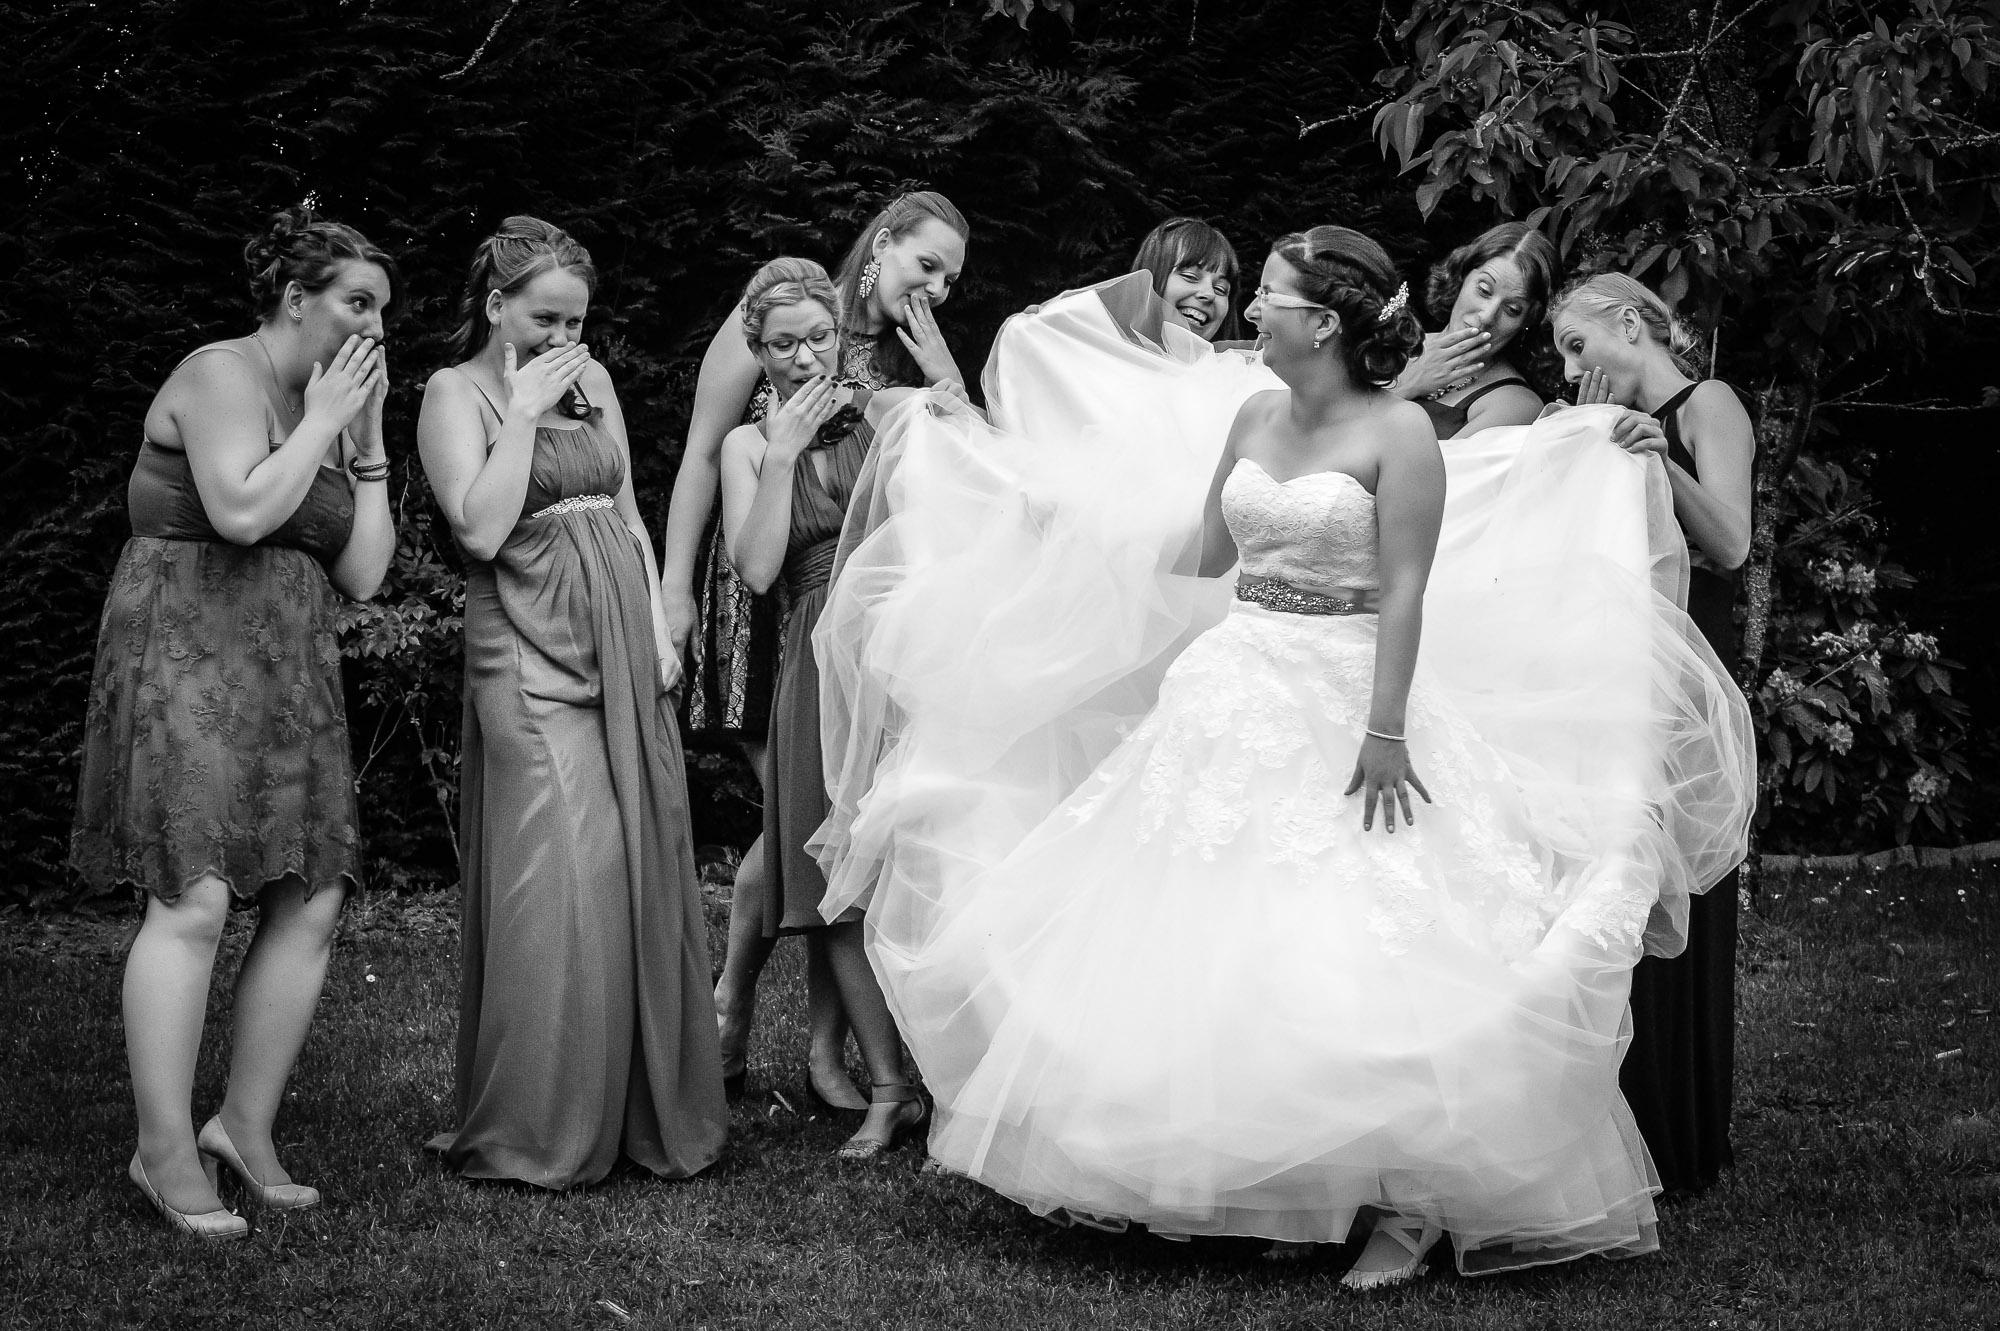 Hochzeit B2000  270 - Strickroth & Fiege Fotografie